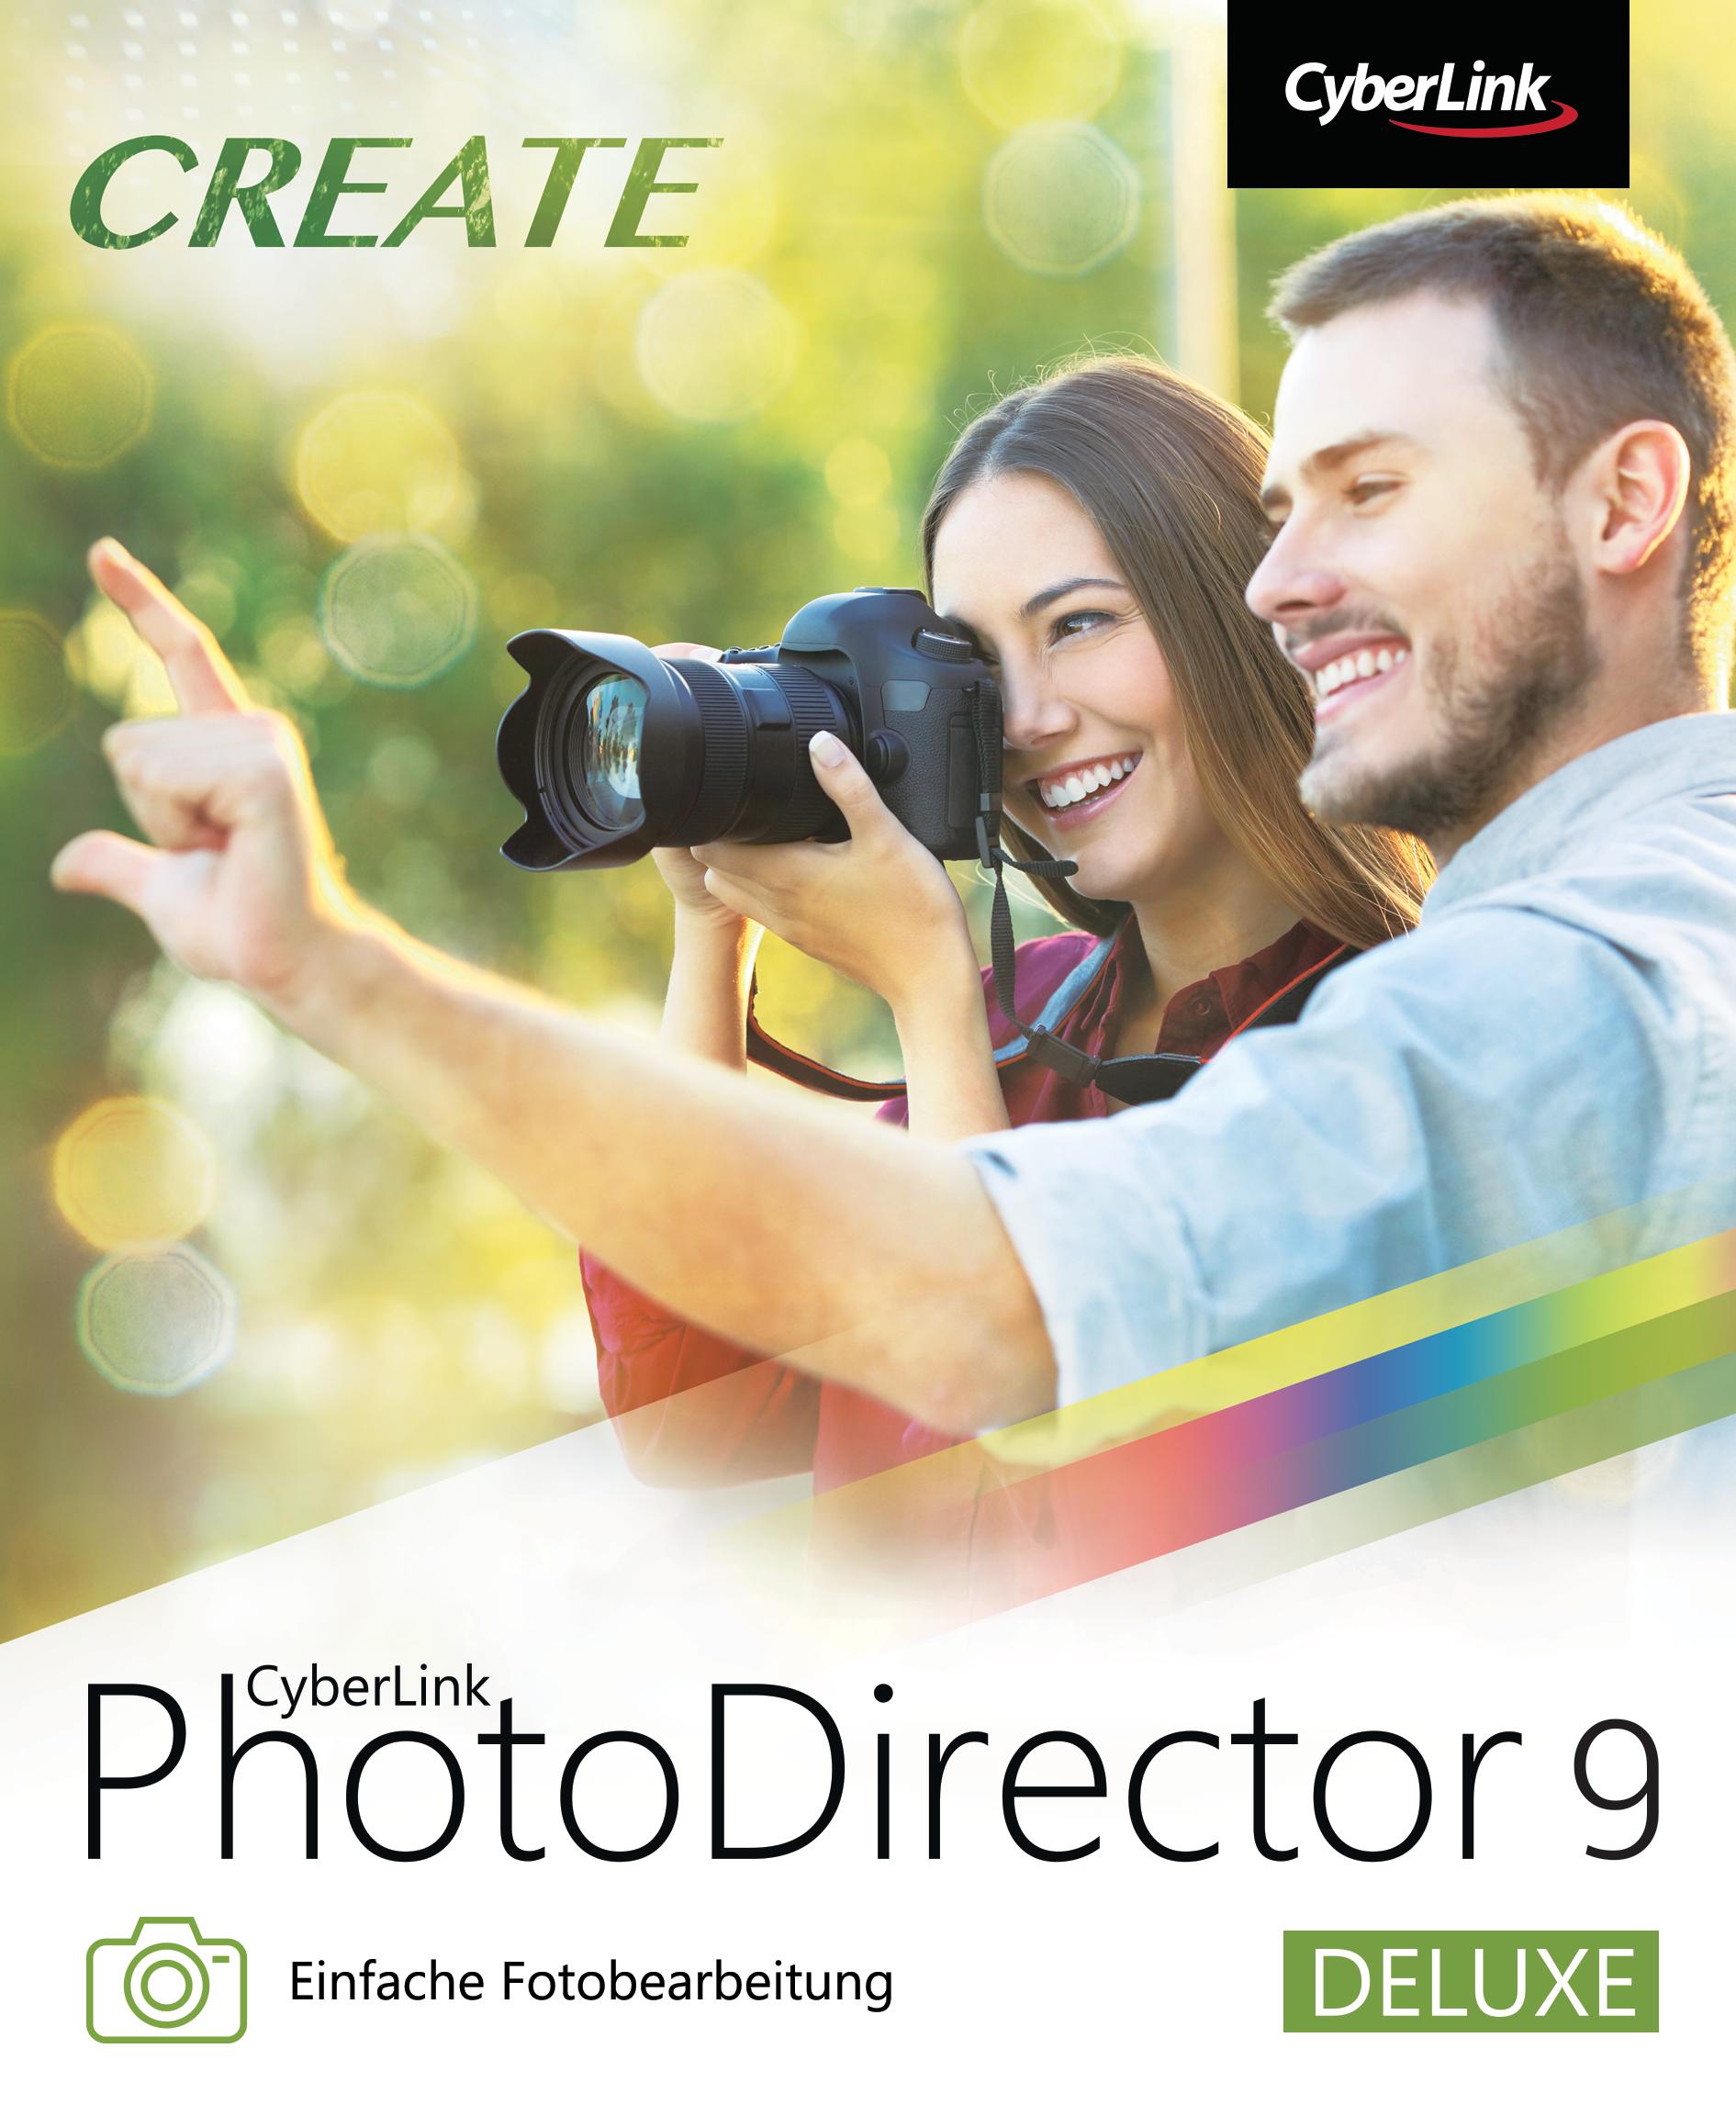 CyberLink PhotoDirector 9 Deluxe [Download]